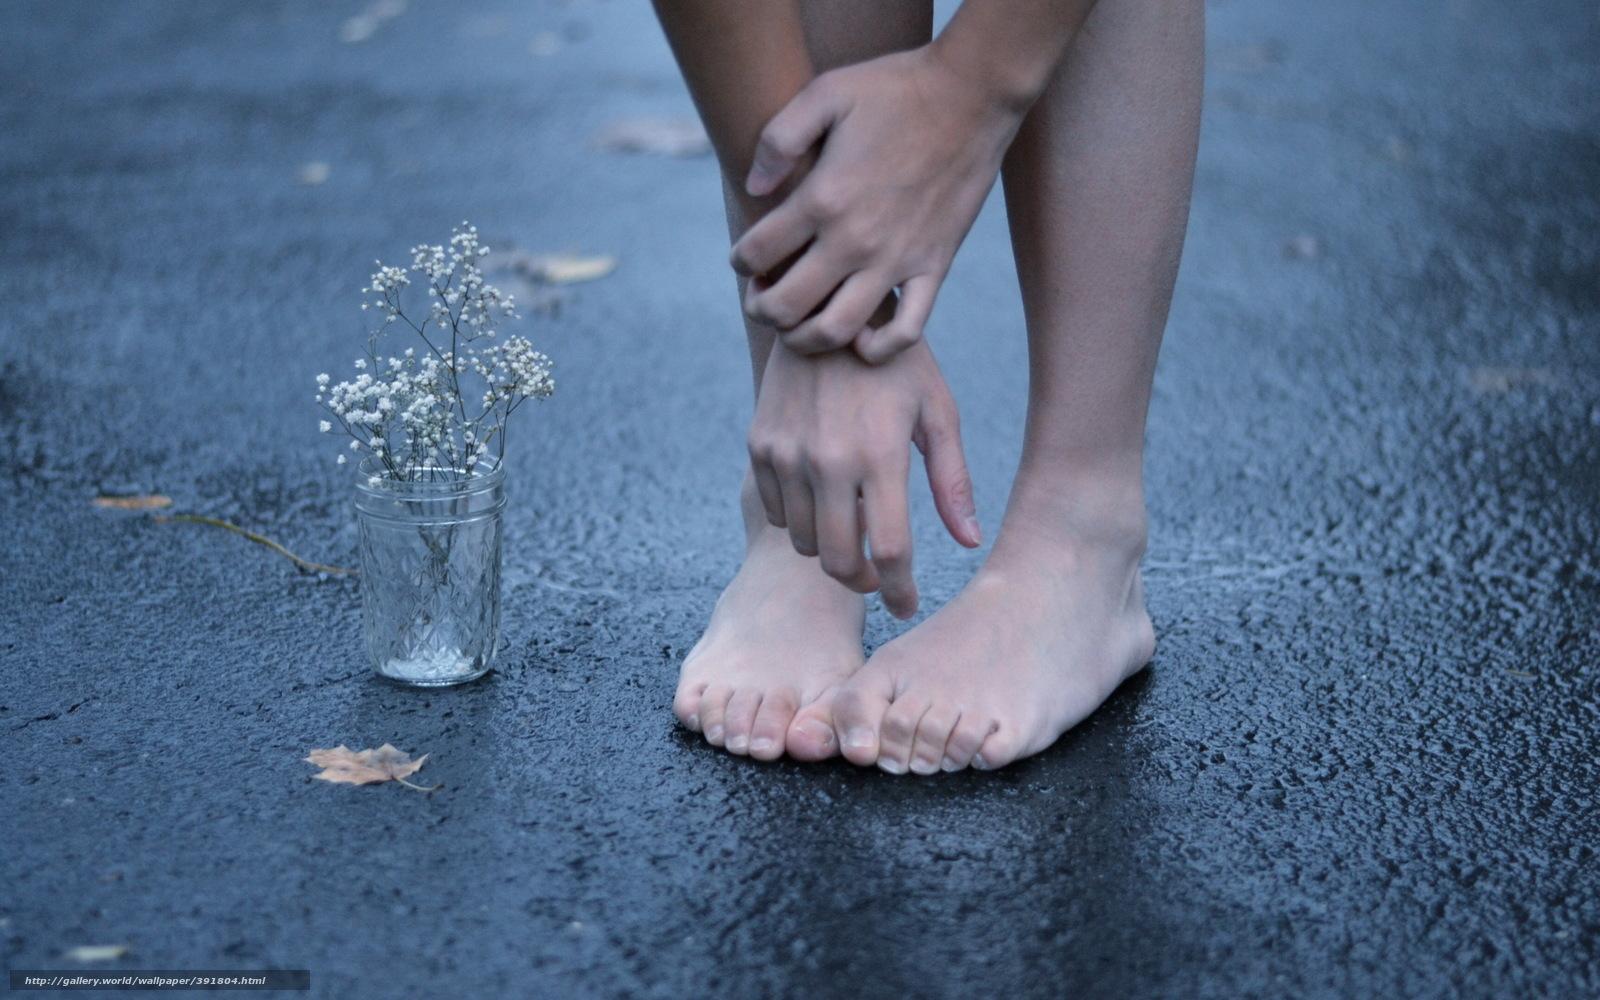 Фото как нюхают потные носки и ноги 14 фотография